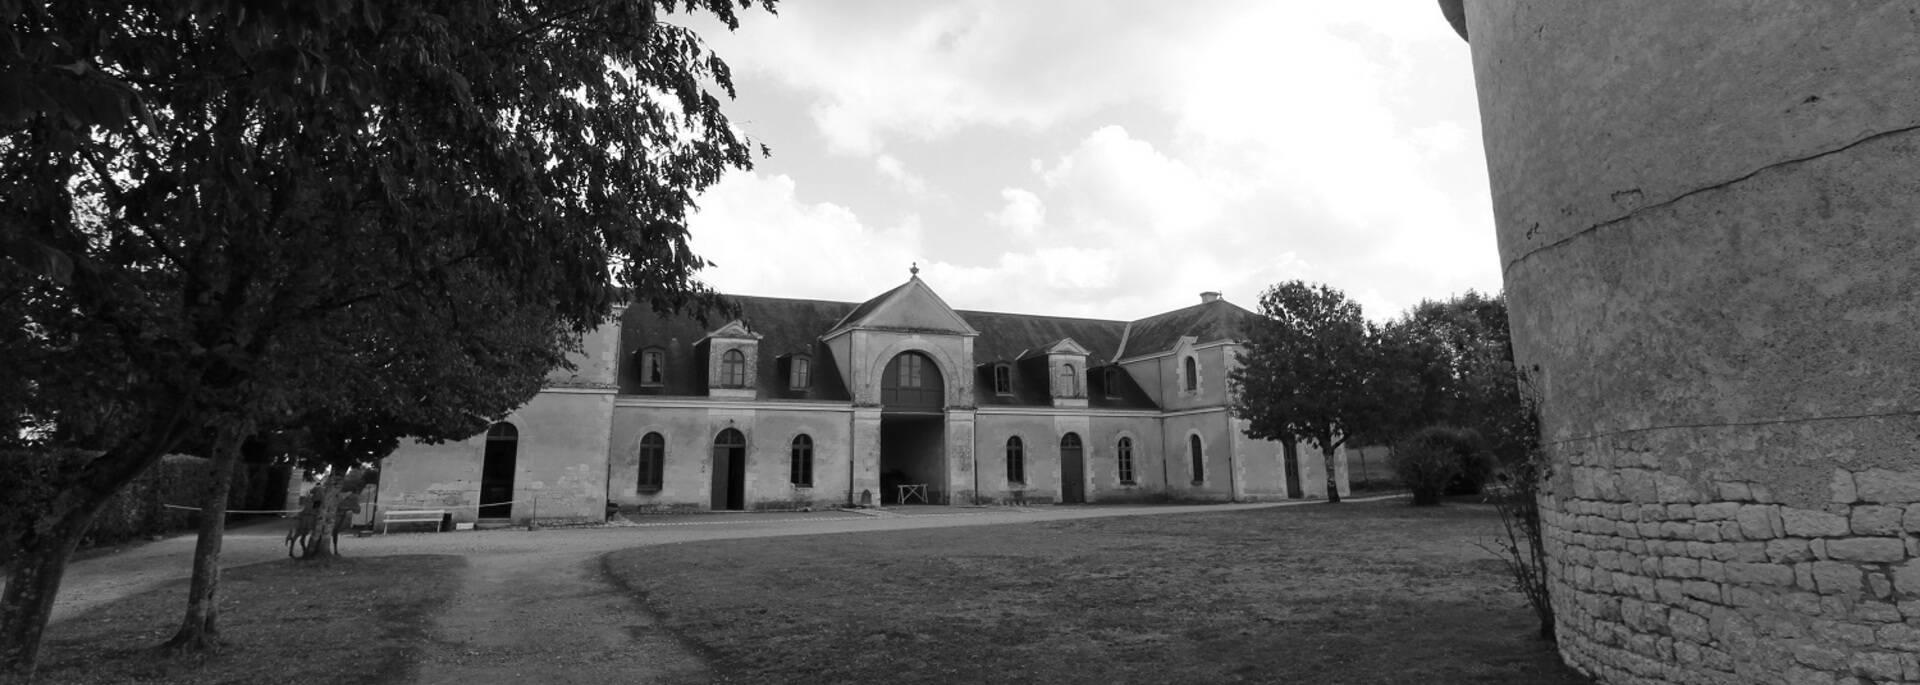 Pigeonnier et écurie du château de Panloy - © P.Migaud / FDHPA17